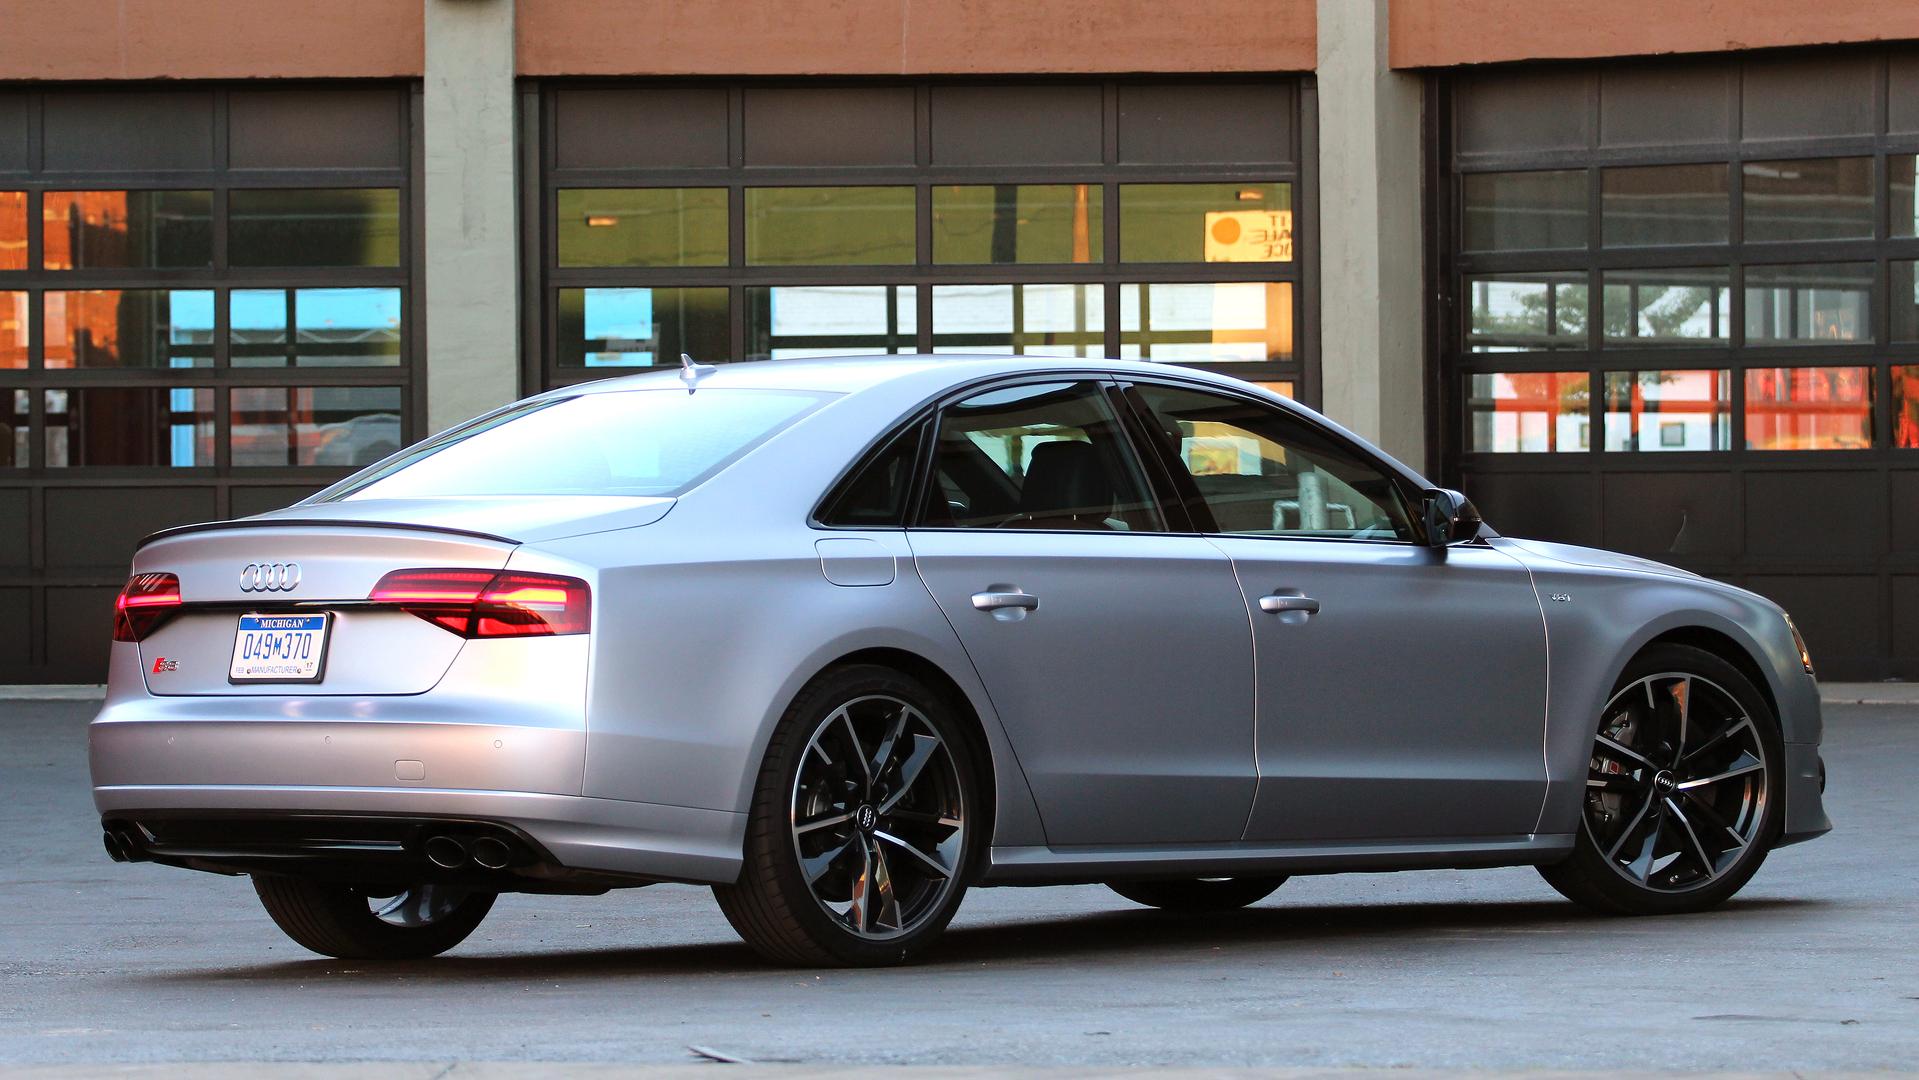 Kelebihan Kekurangan Audi S8 2016 Perbandingan Harga